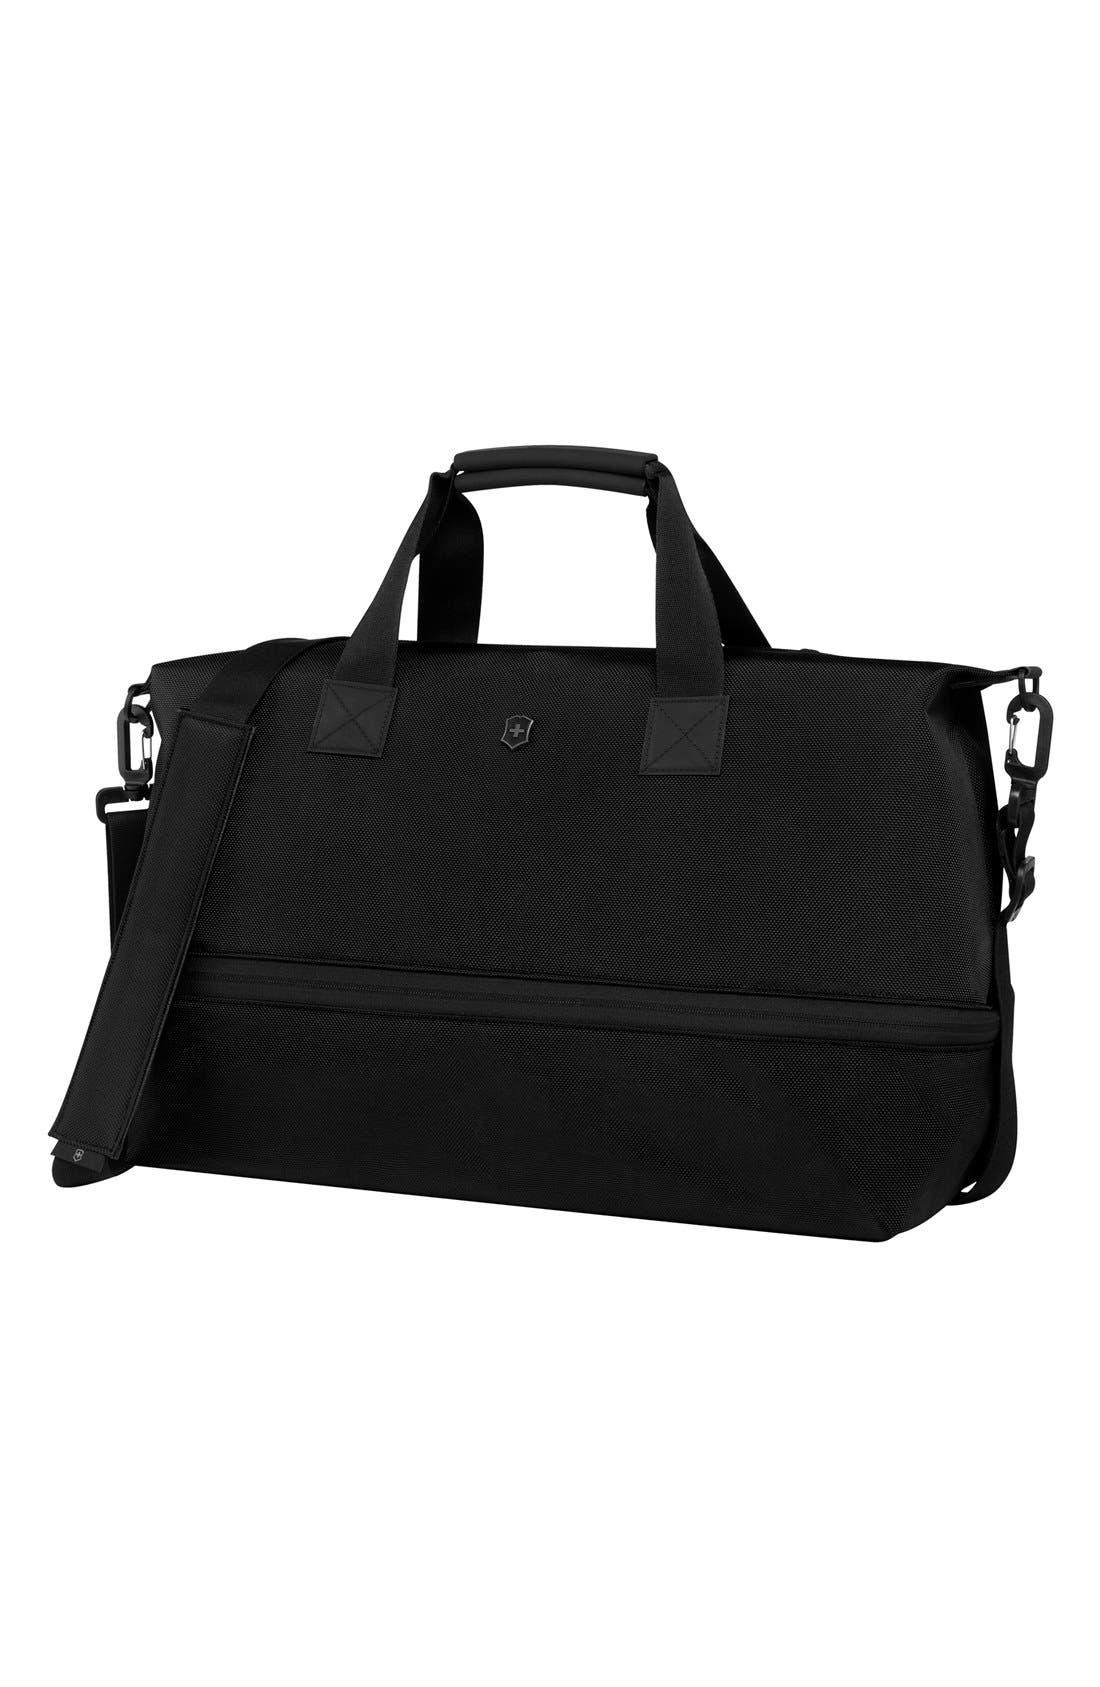 Duffel Bag,                         Main,                         color,